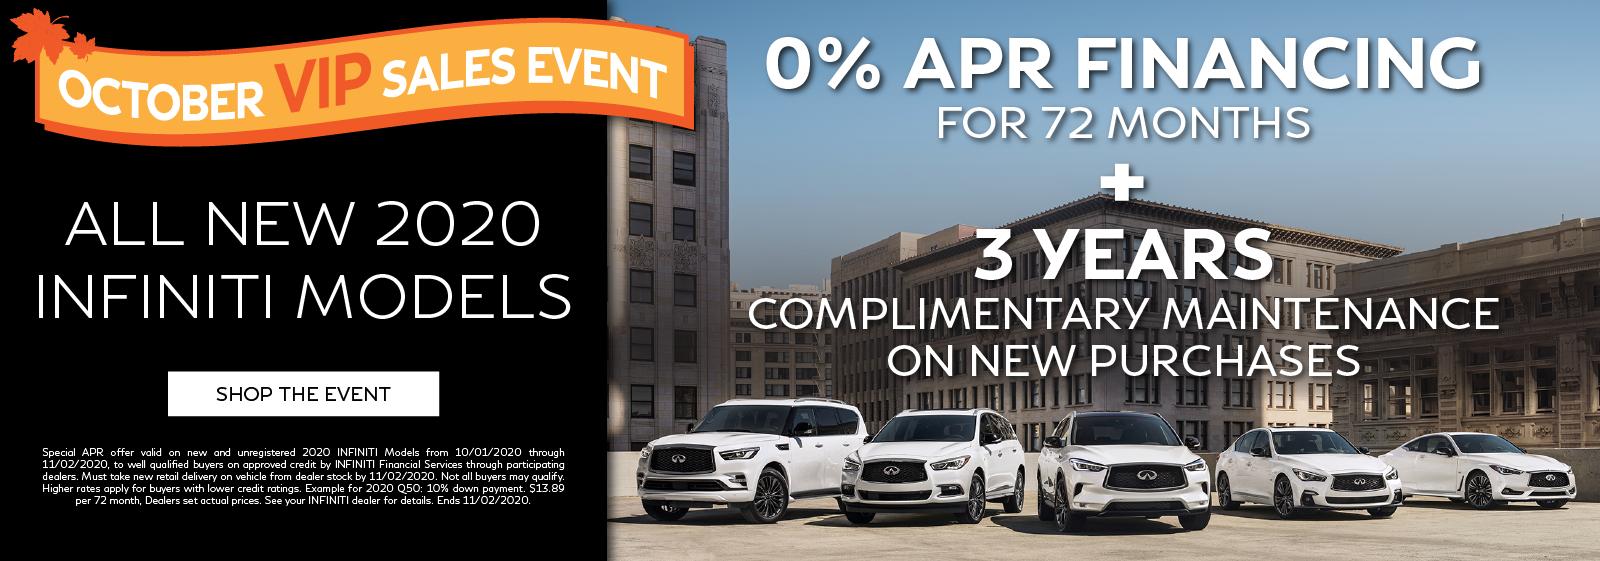 October VIP Sales Event - Click to shop new vehicles.